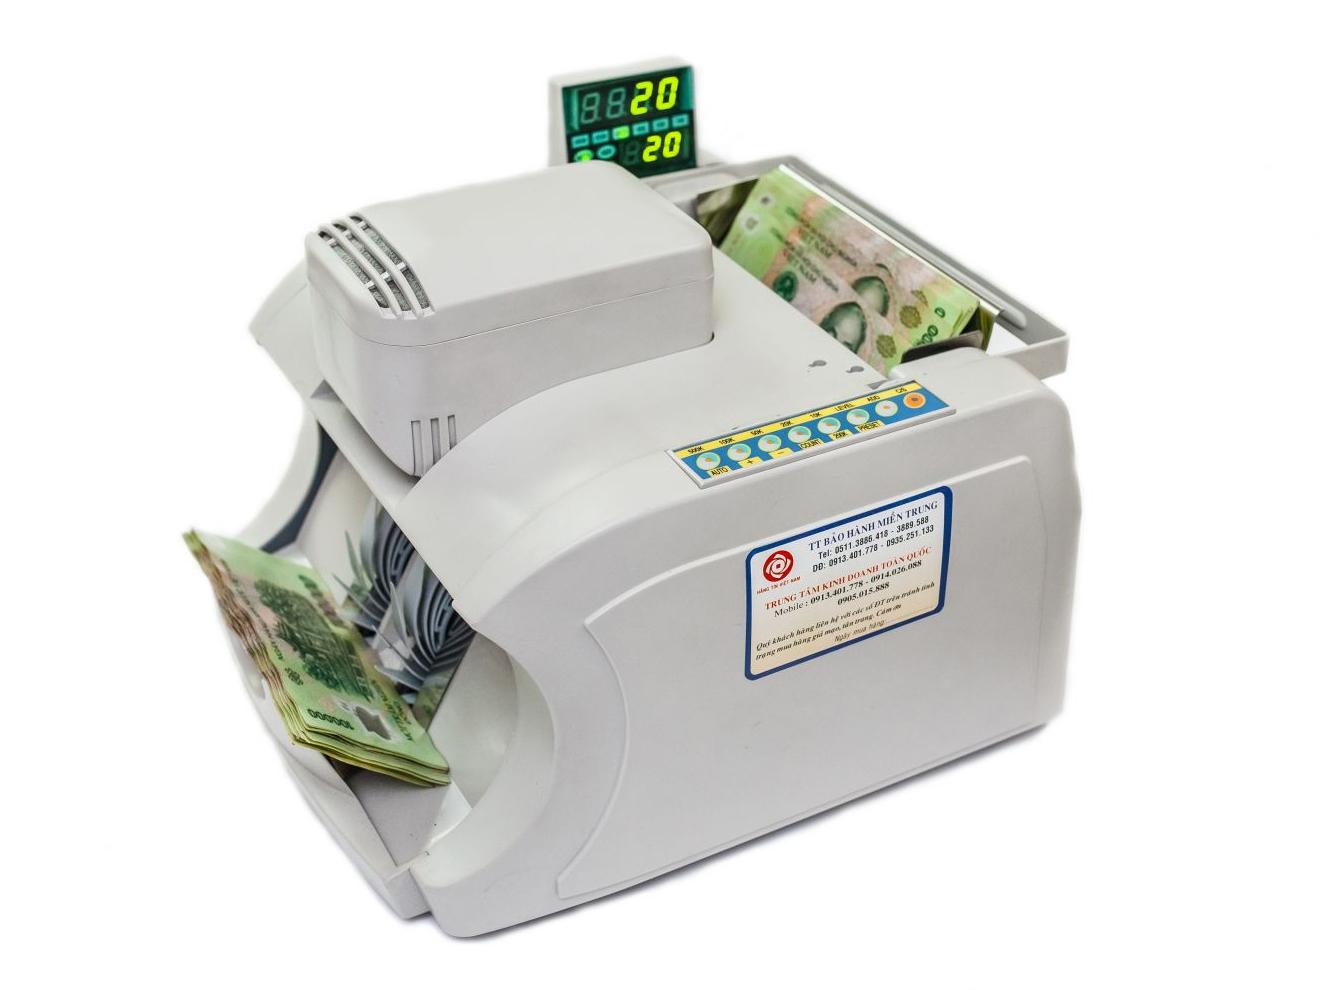 máy đếm tiền xinda 1000J